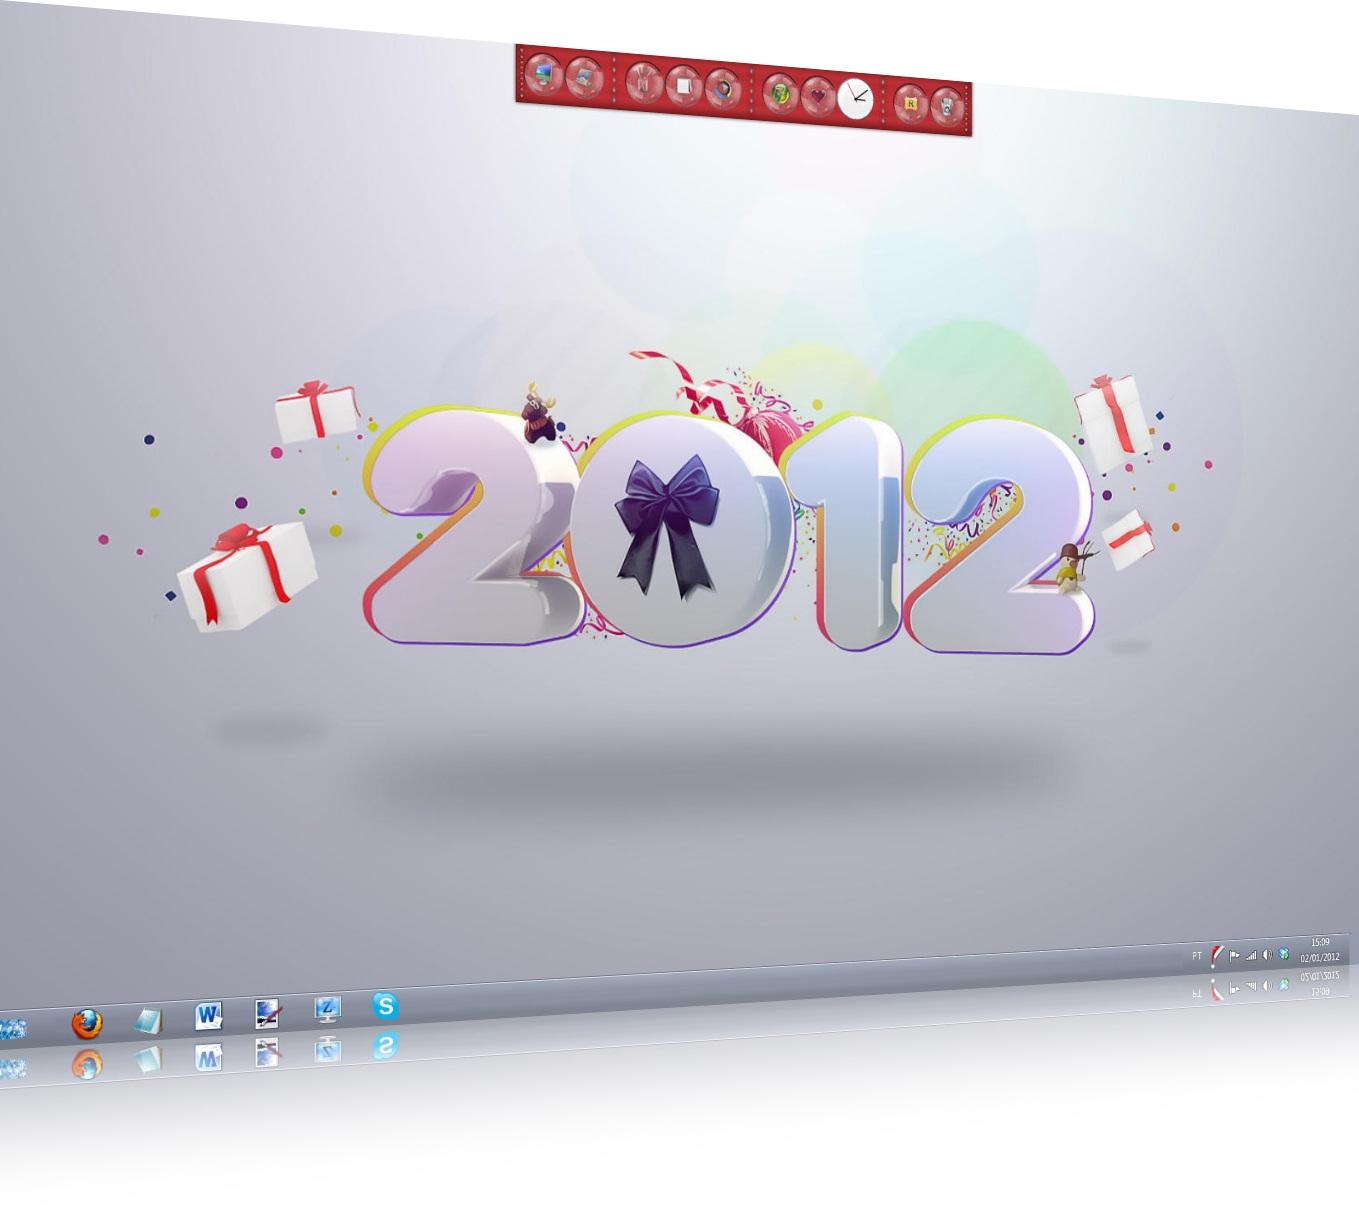 Novo tema para um novo ano!